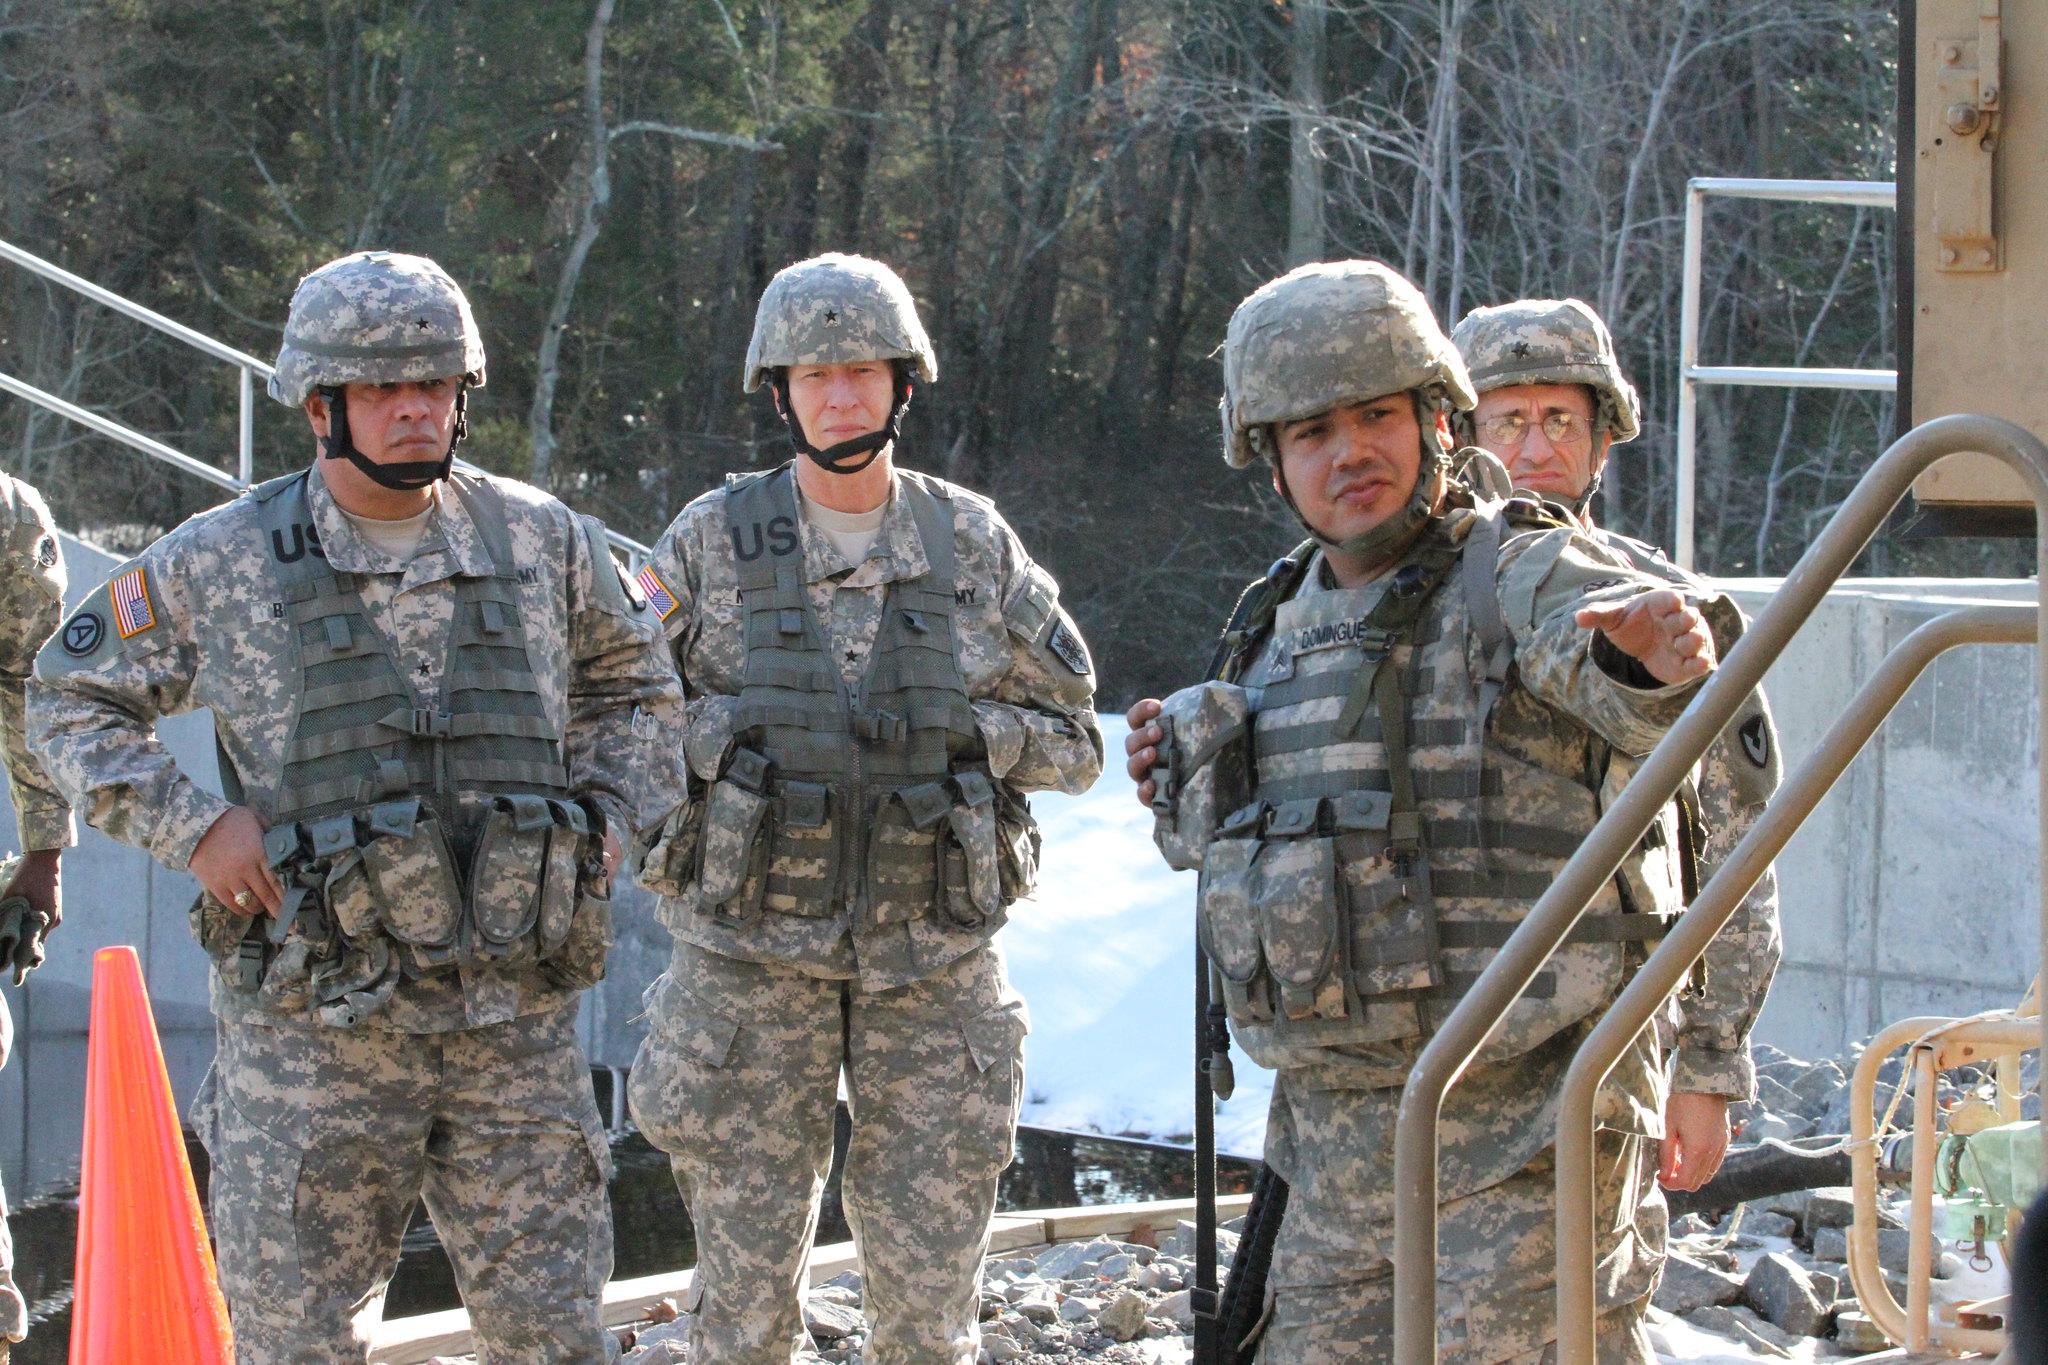 78th Training Division Public Affairs